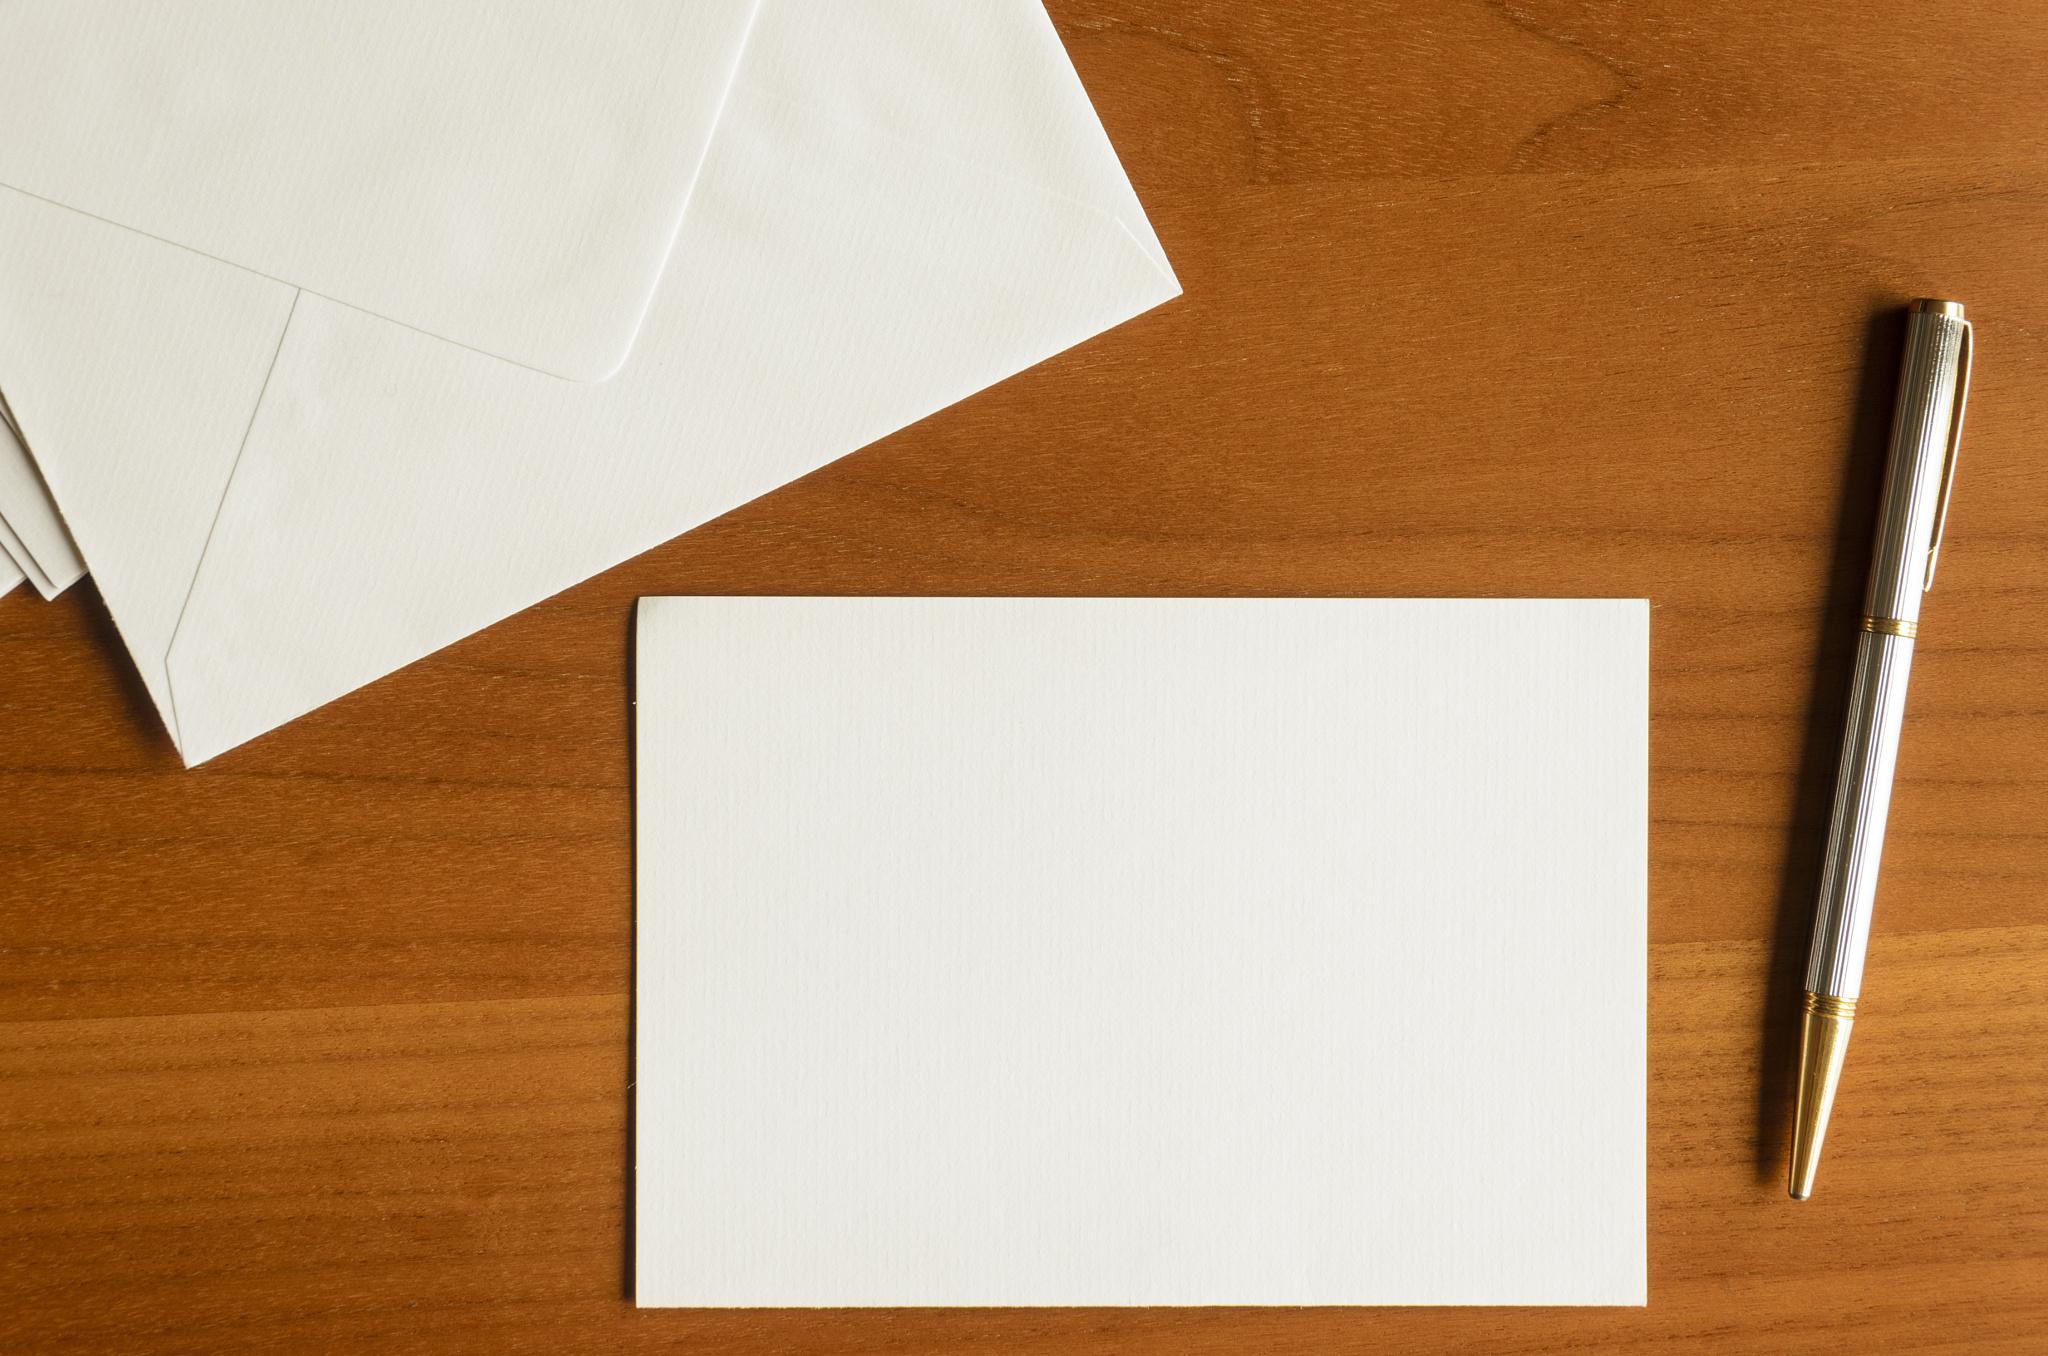 104422153 mail - 7 yếu tố bạn cần lưu ý để gây ấn tượng với nhà tuyển dụng trong 7 giây đầu tiên